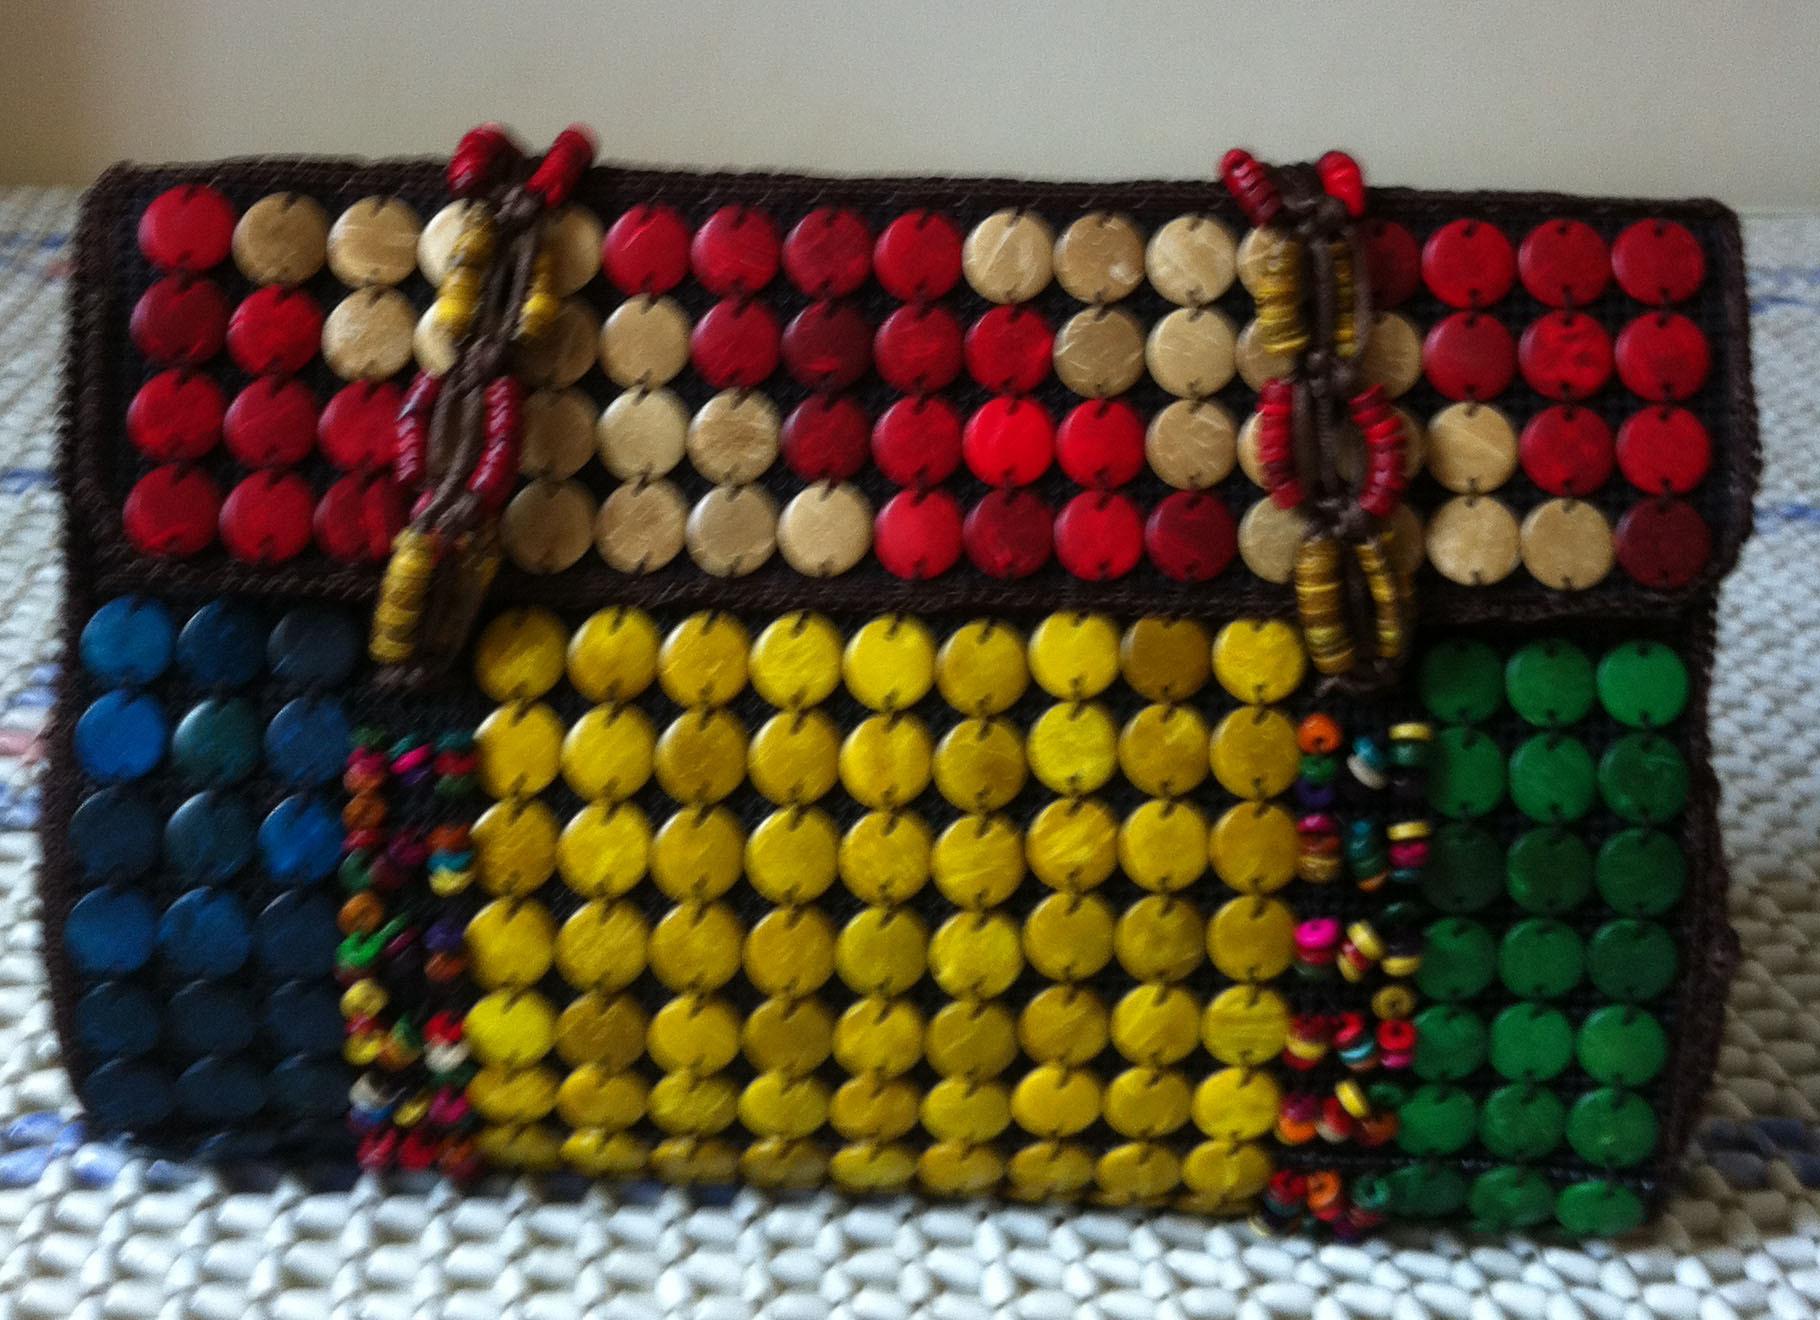 Сумка Урожай 2012 новый ручной кокосовой оболочки сумочка тенденция этнические сумка разноцветные бусы ручной